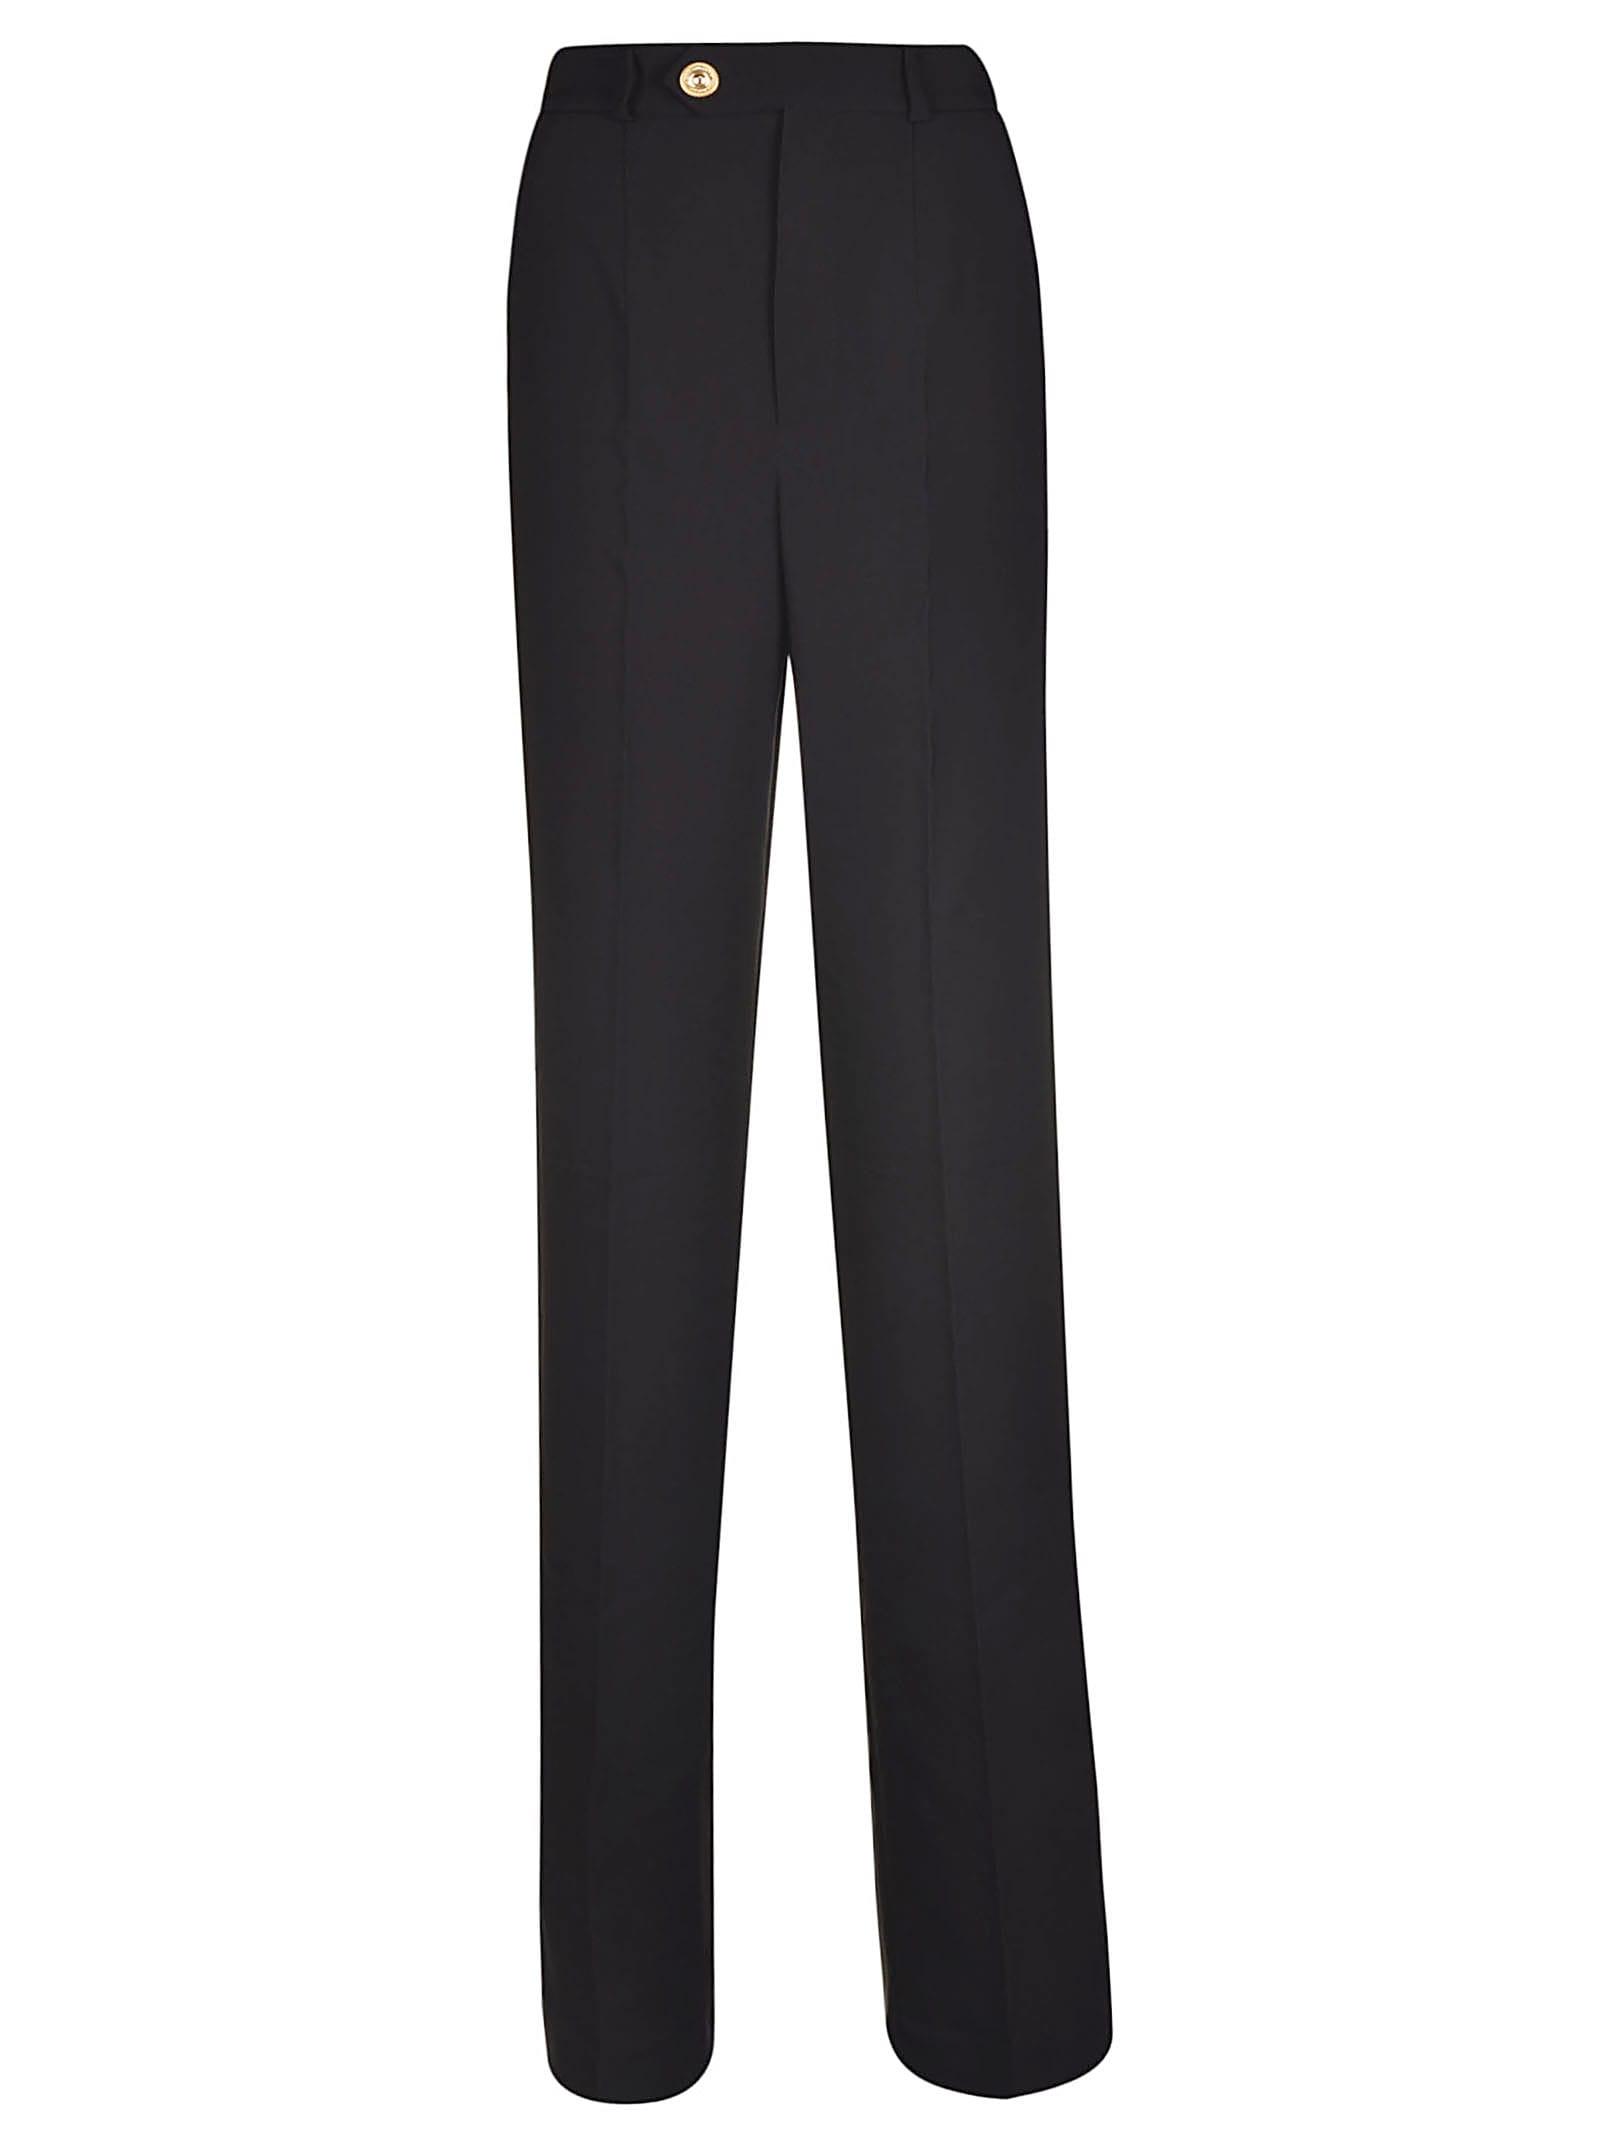 Versace Jeans Womens Pants EA1HLB0RAE